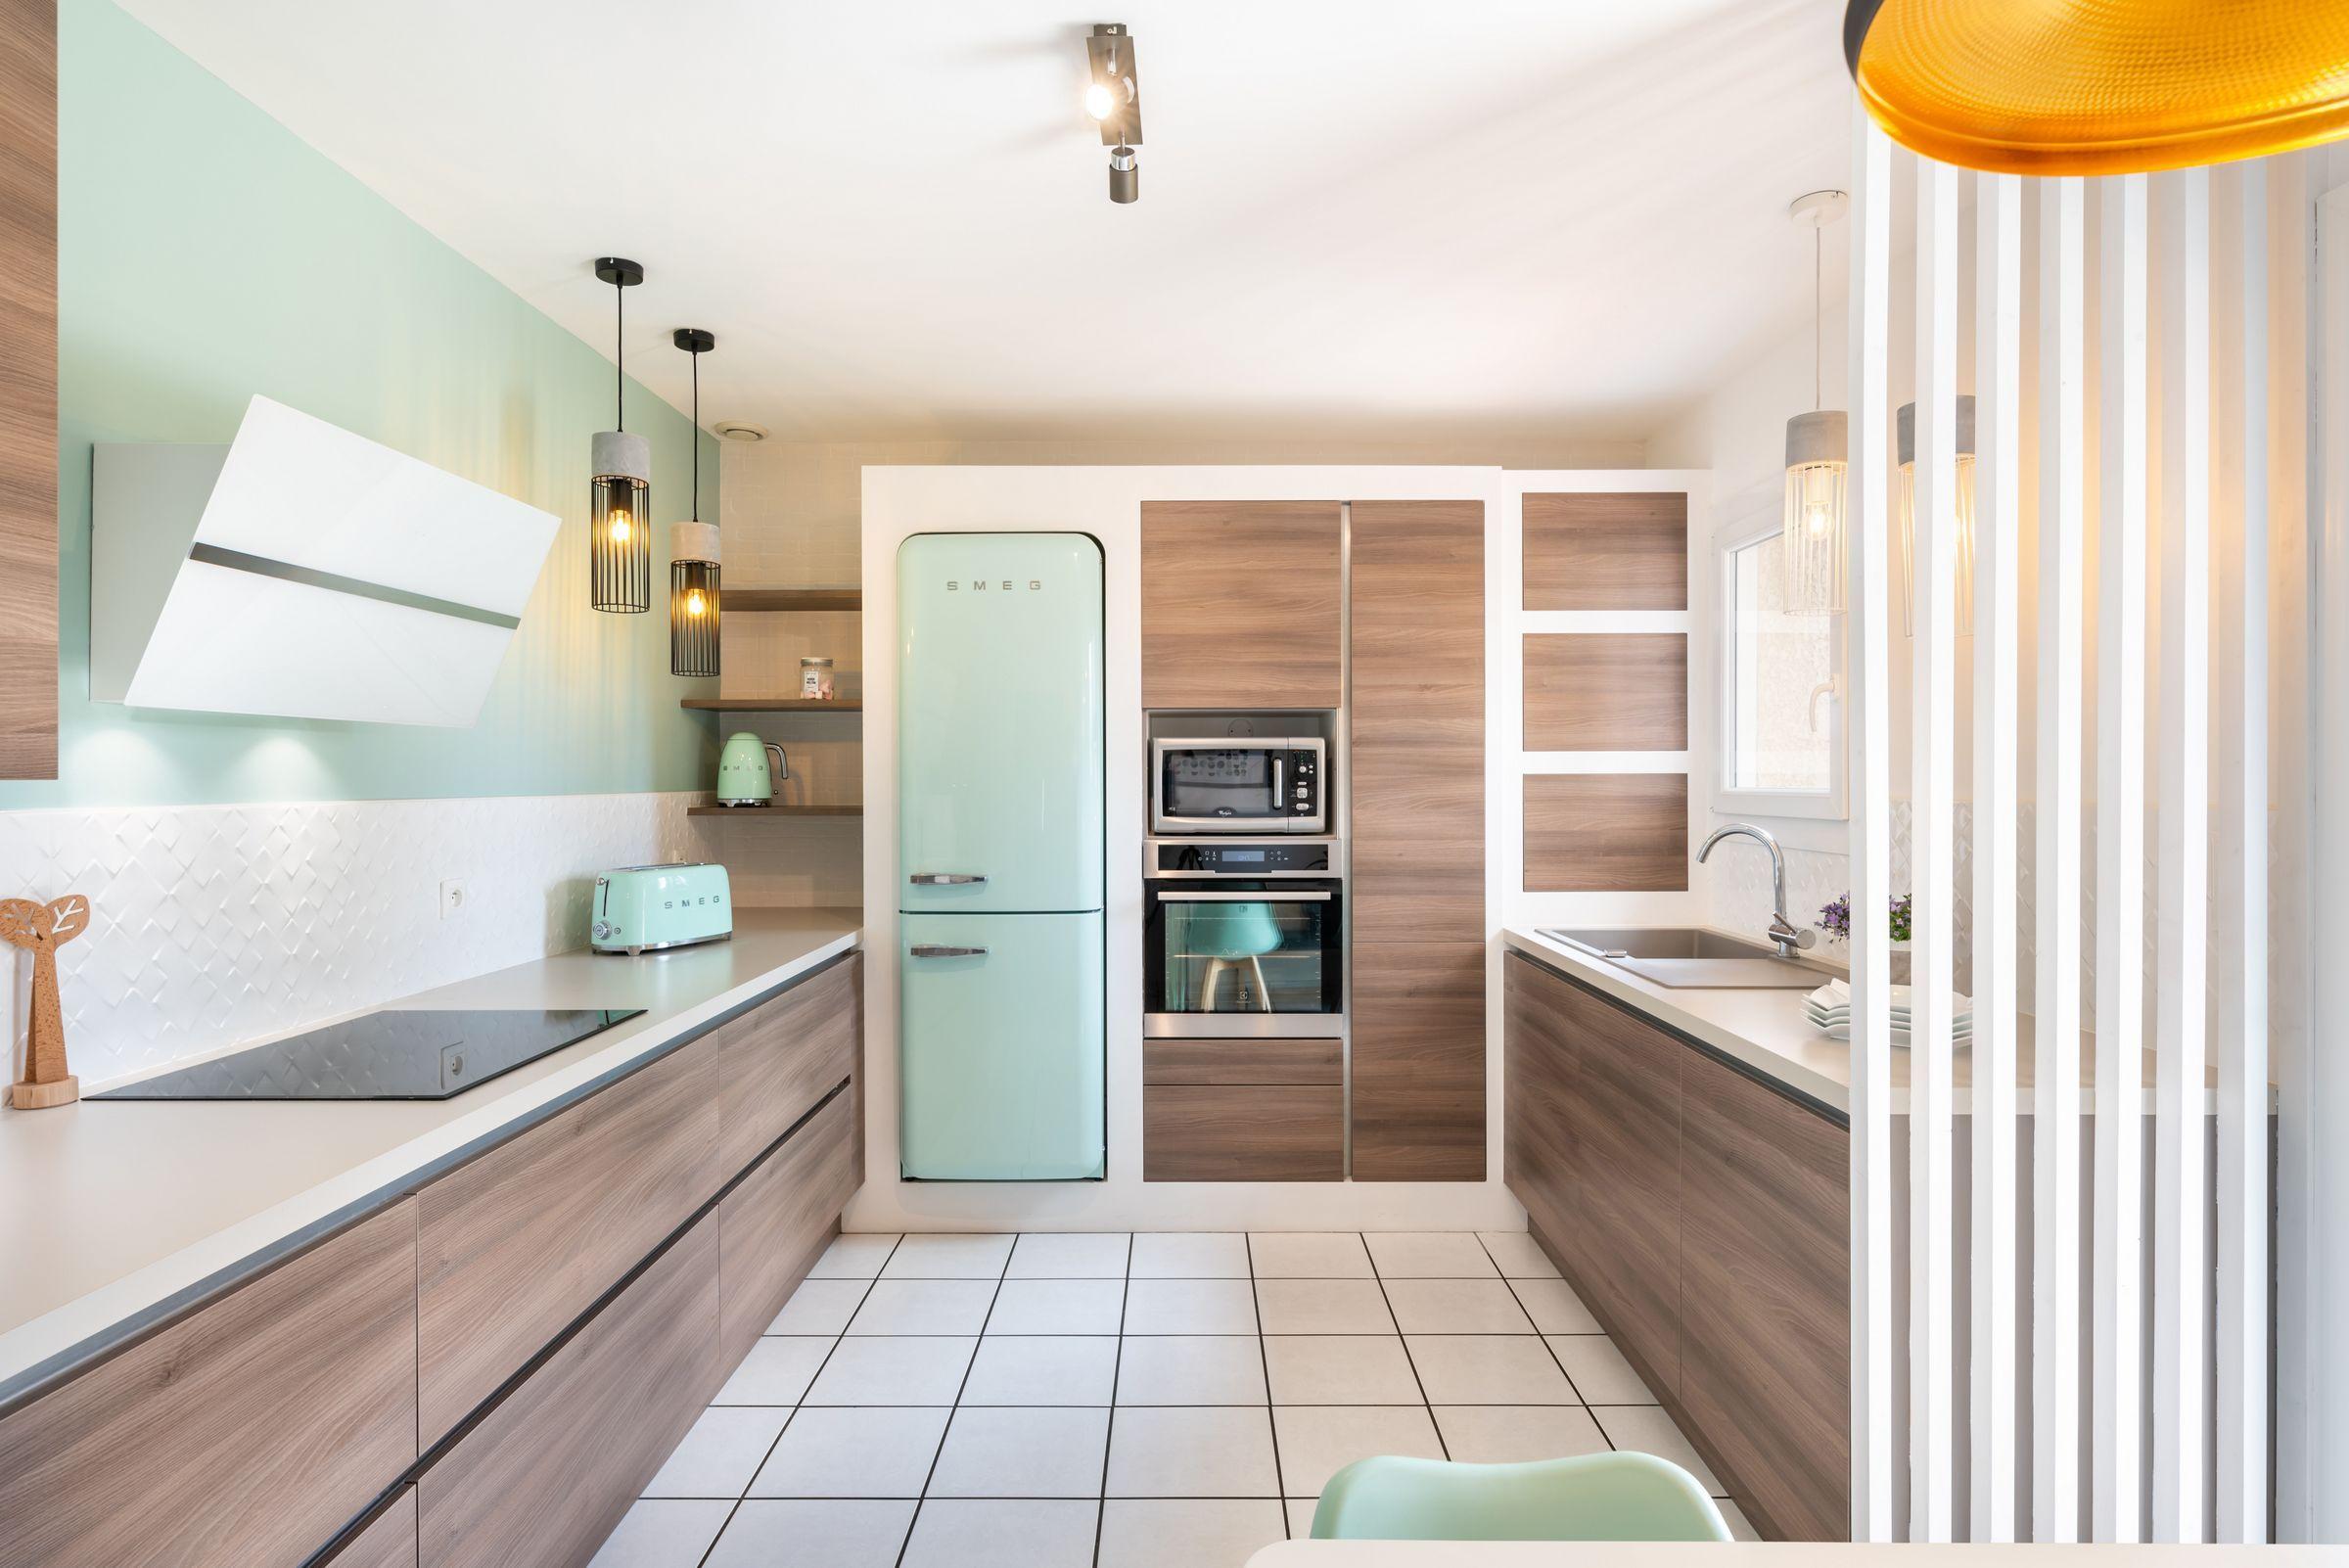 cuisine contemporaine et design avec un